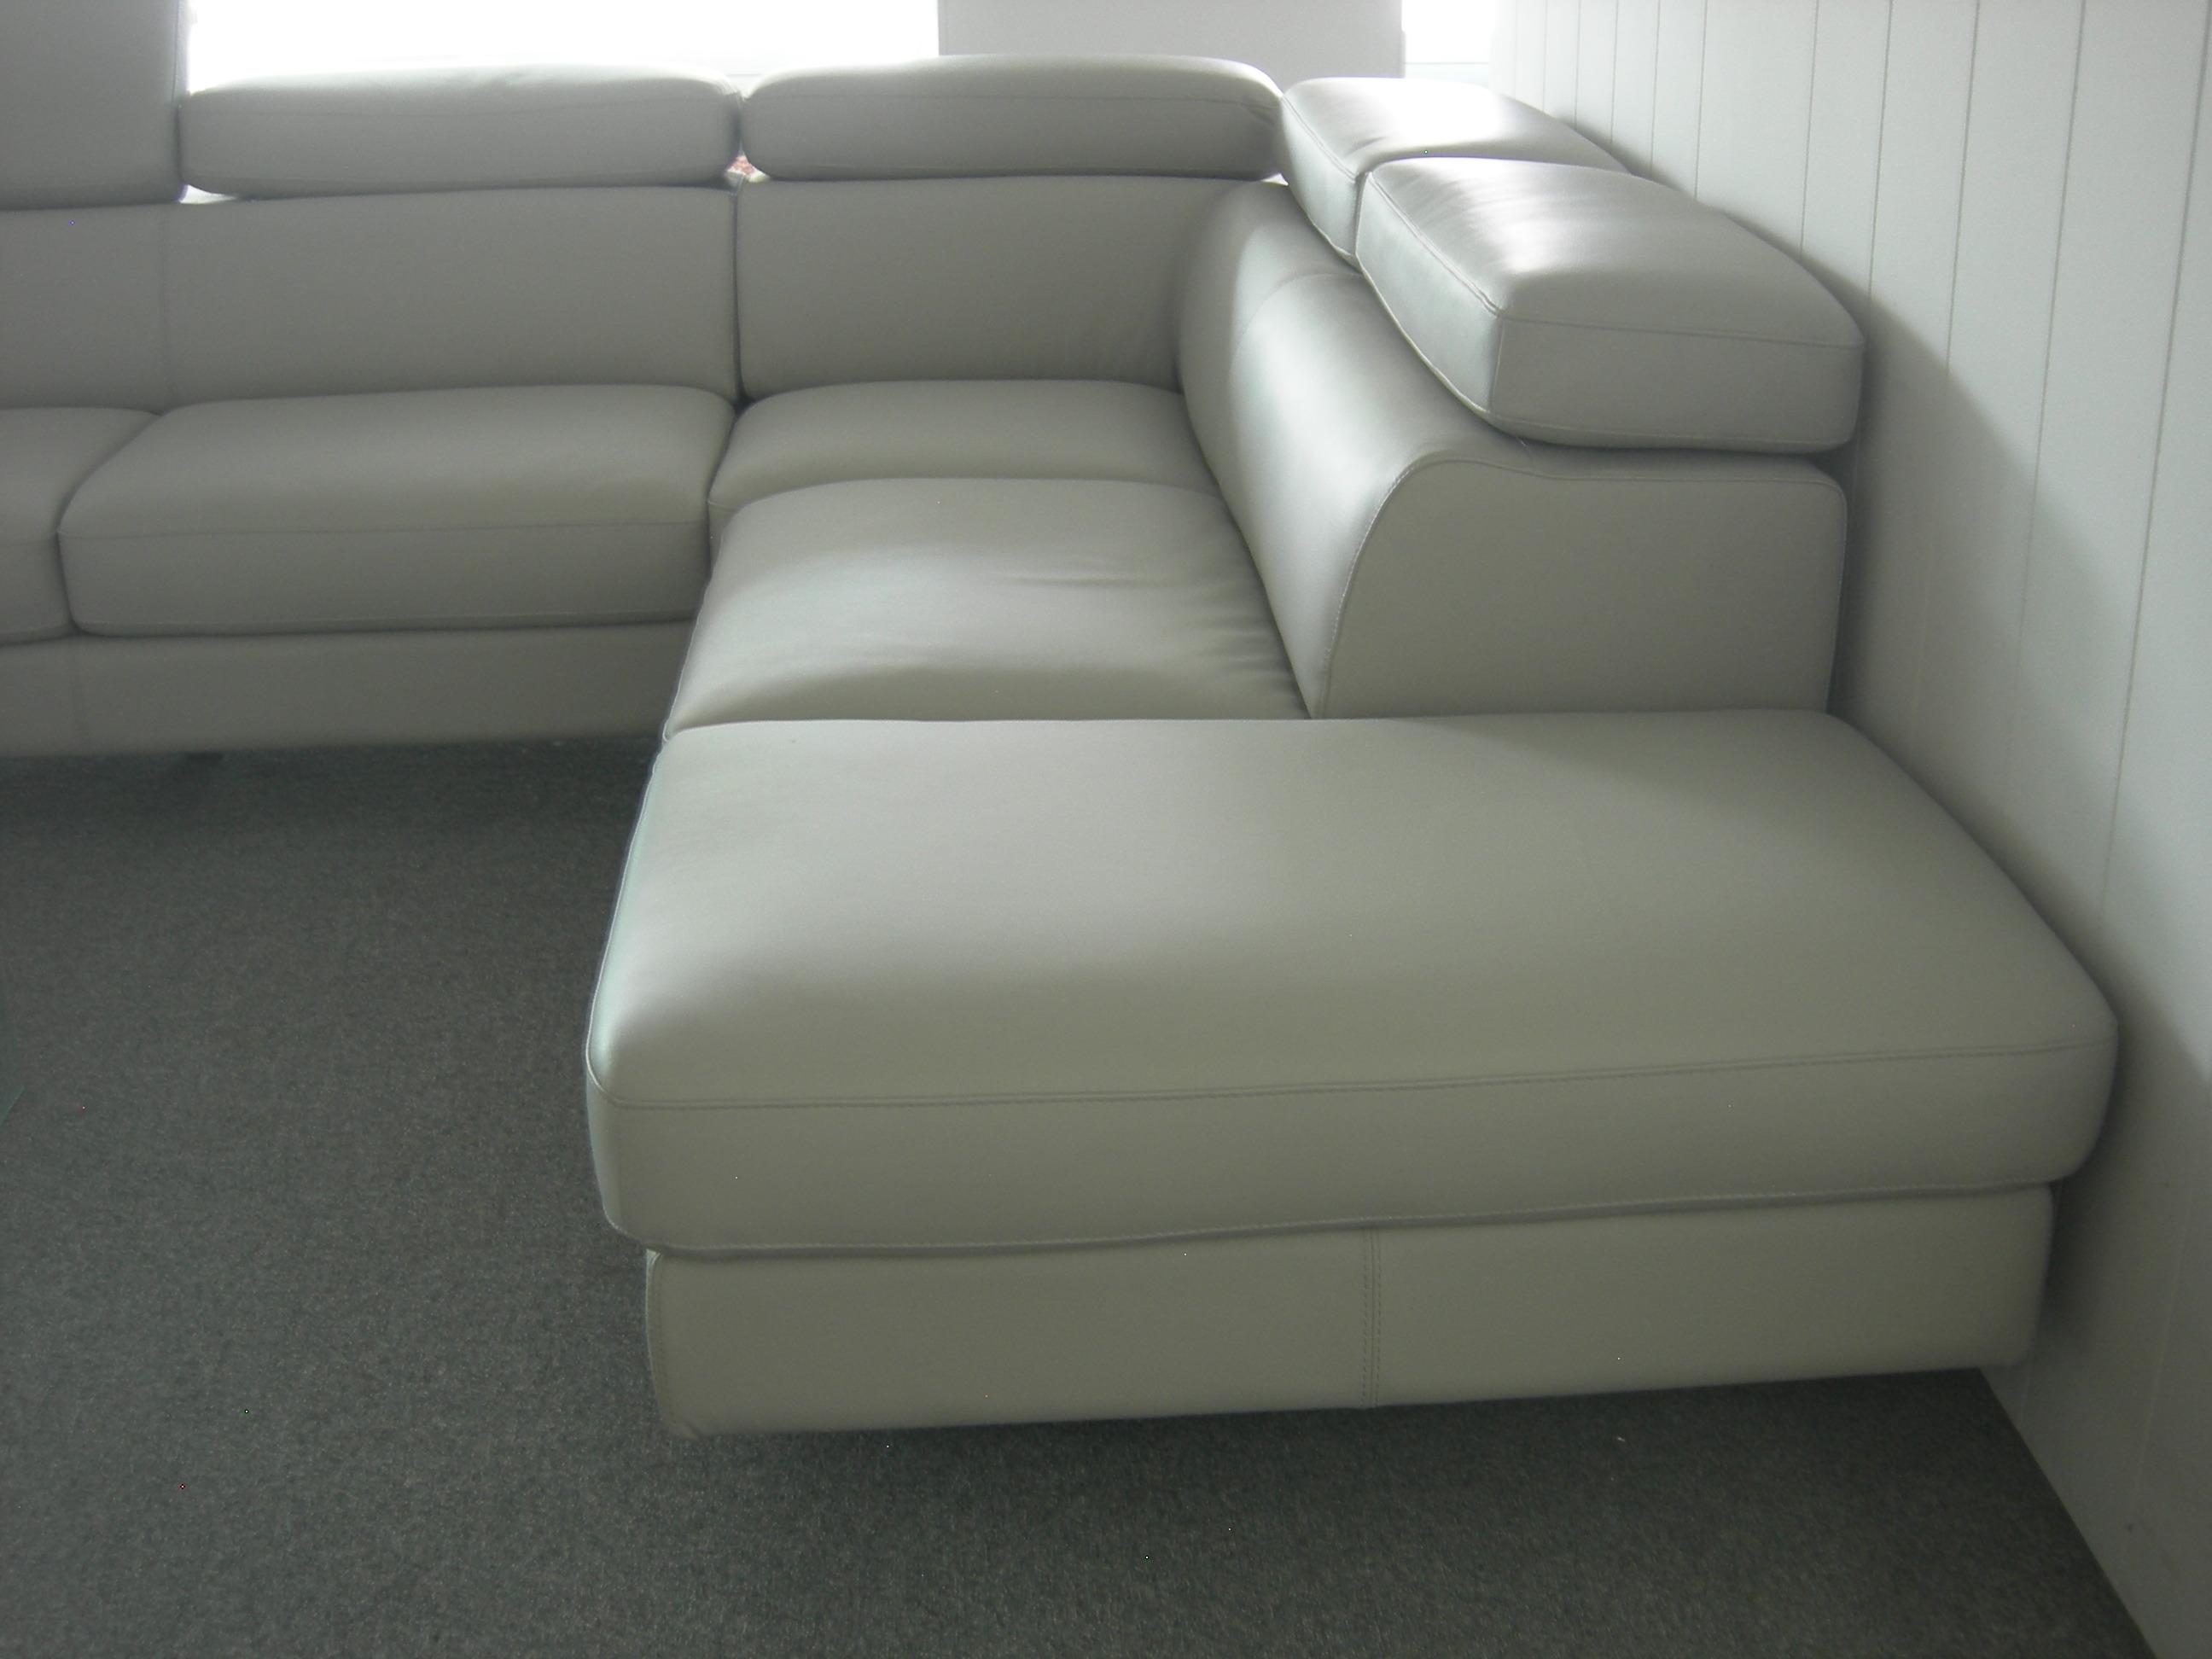 Divano angolare canova divani a prezzi scontati - Dimensioni divano angolare ...